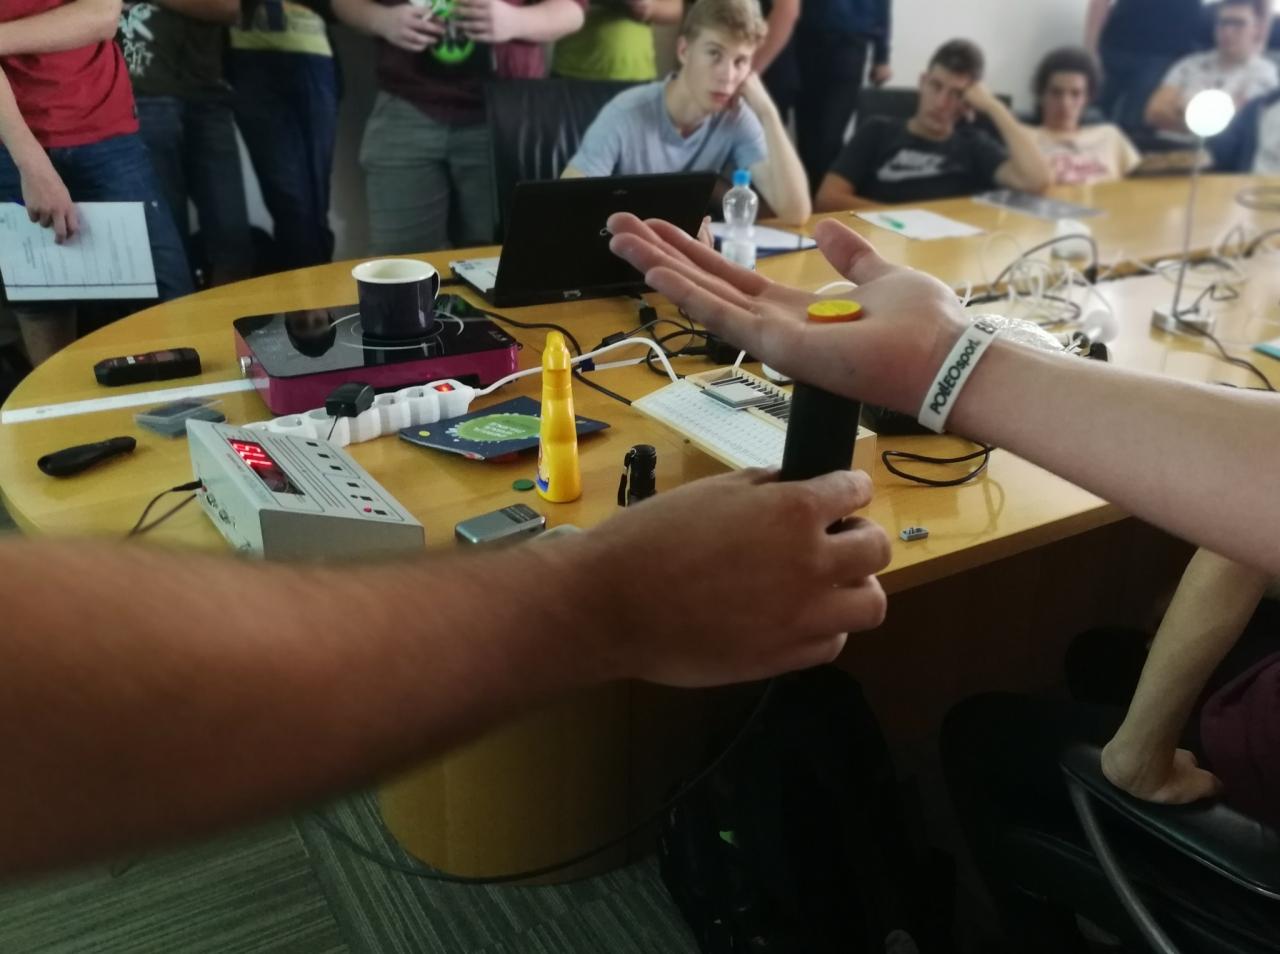 Mladi na elektrofestu spoznavali sevanje v vsakdanjem življenju